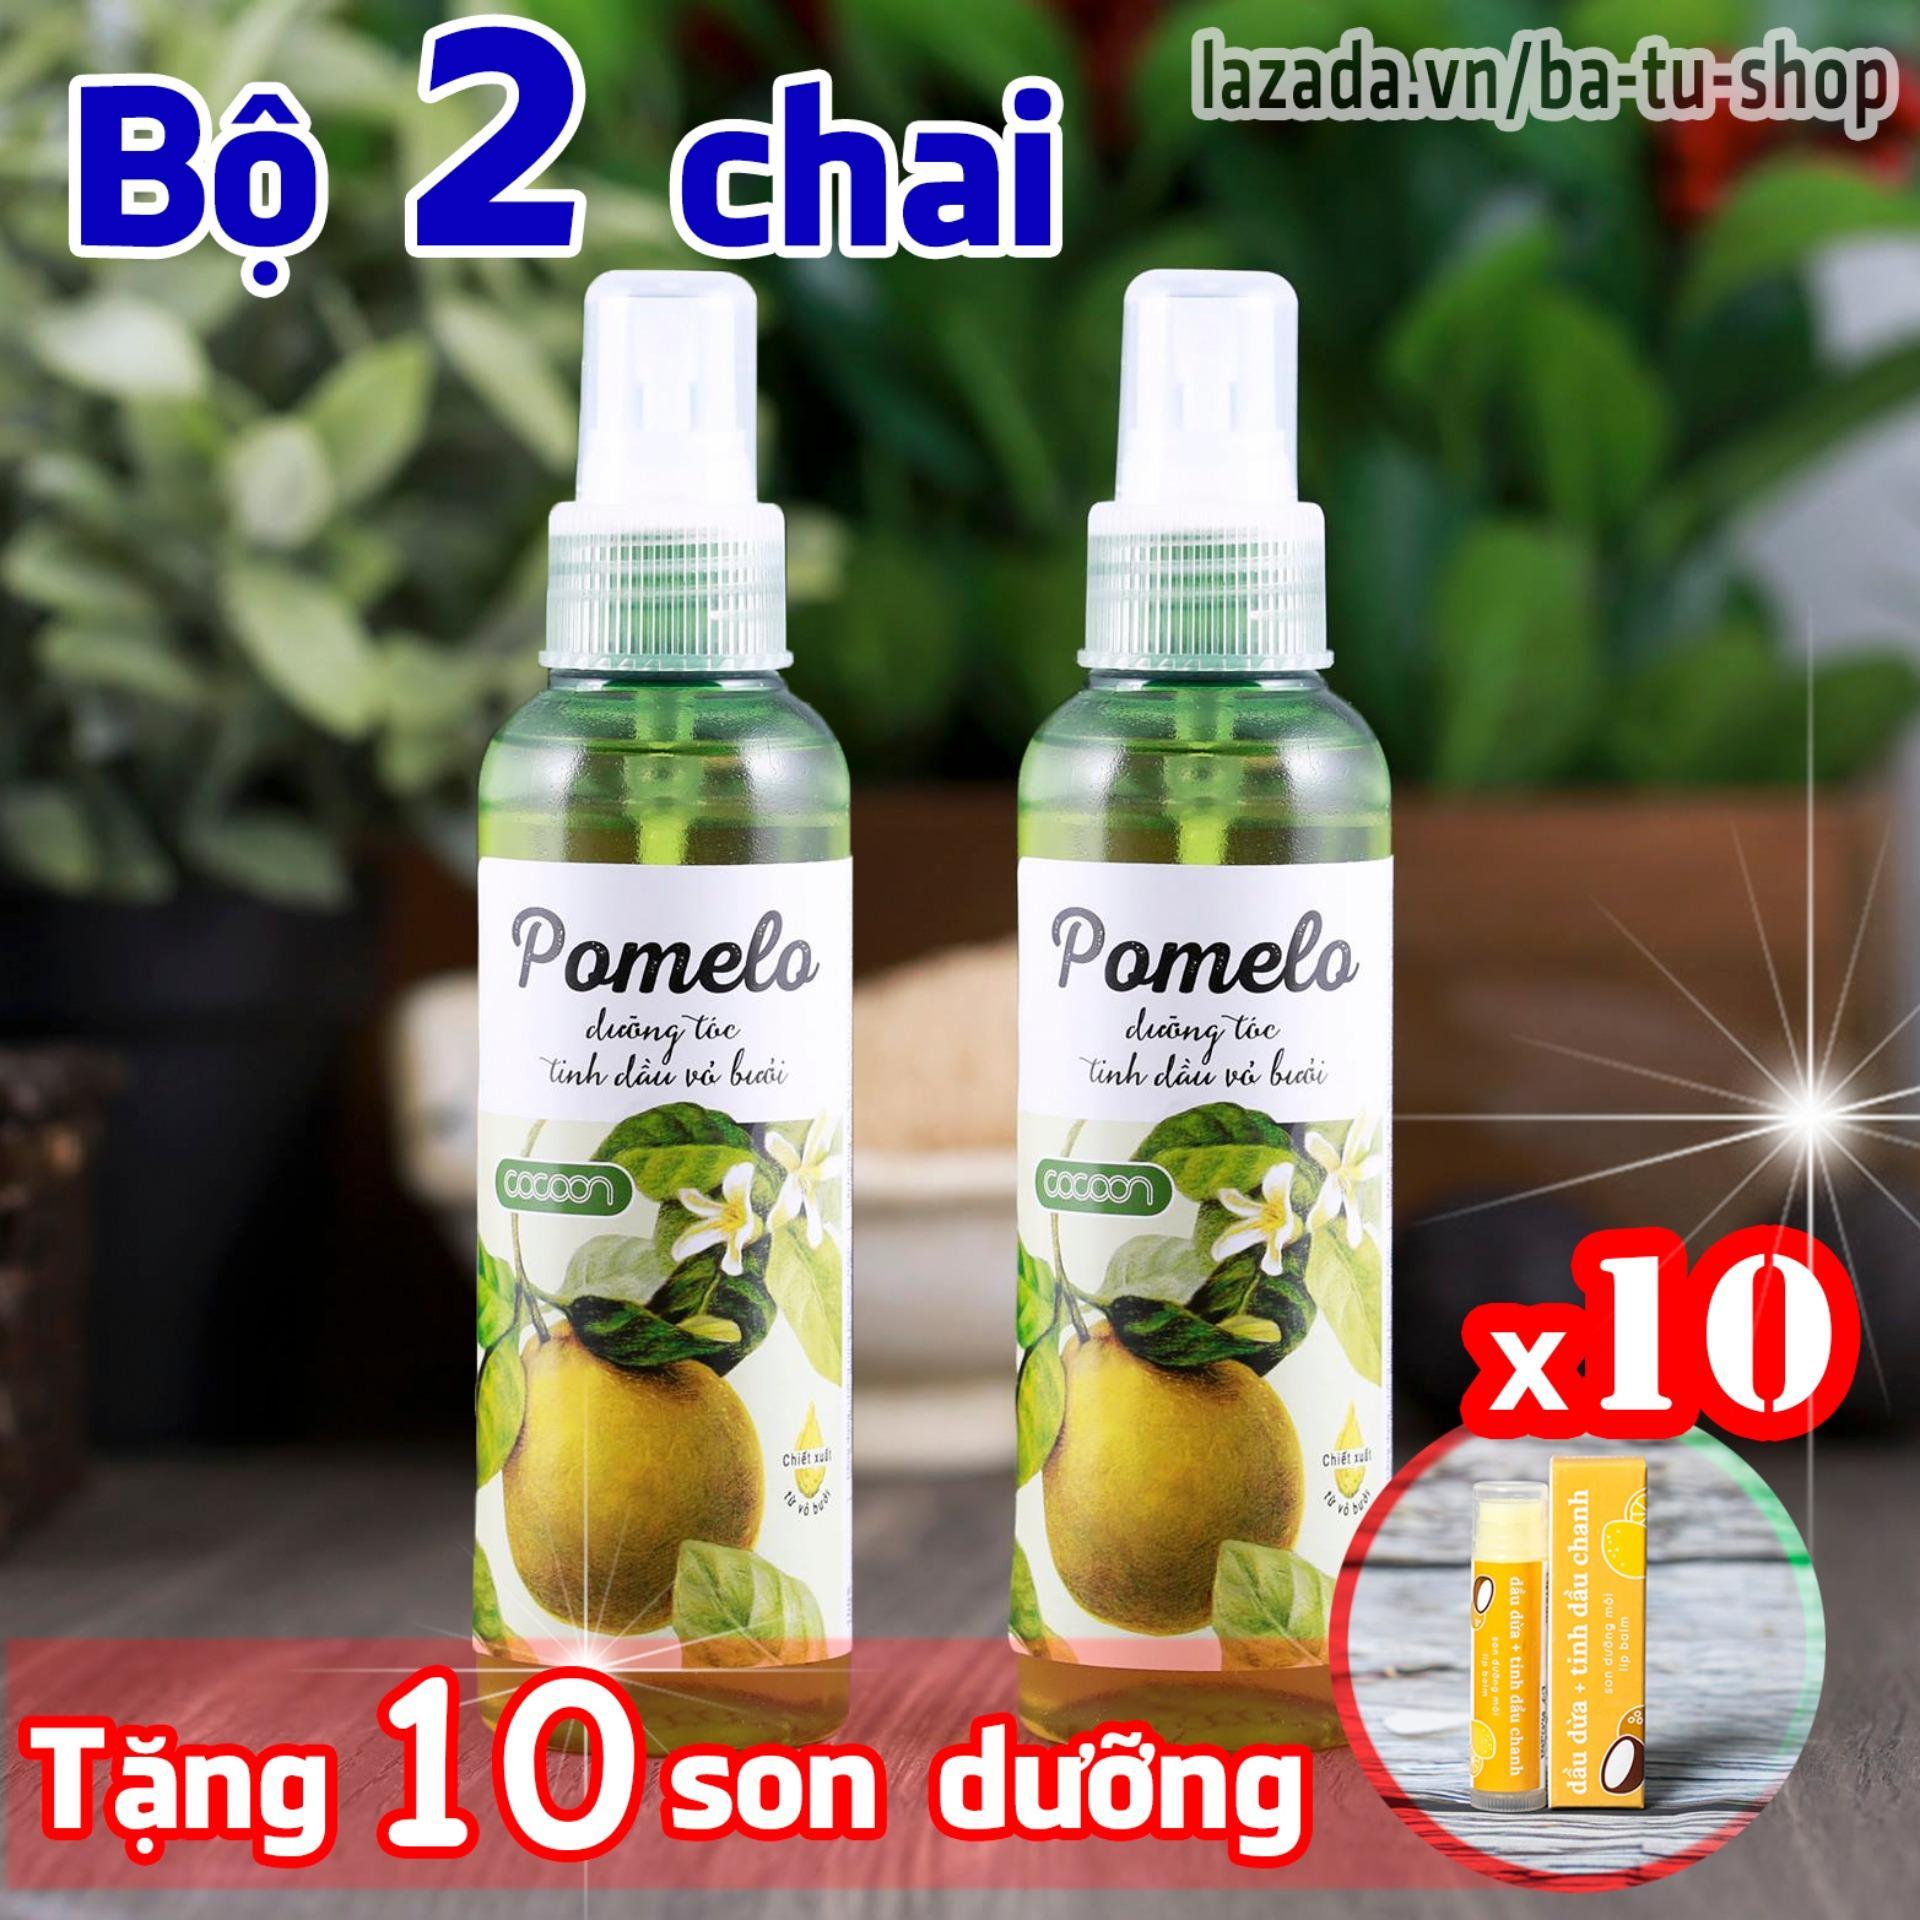 Hình ảnh Bộ 2 chai xịt bưởi kích thích mọc tóc Pomelo tặng ngay 10 son dưỡng môi Lip Care